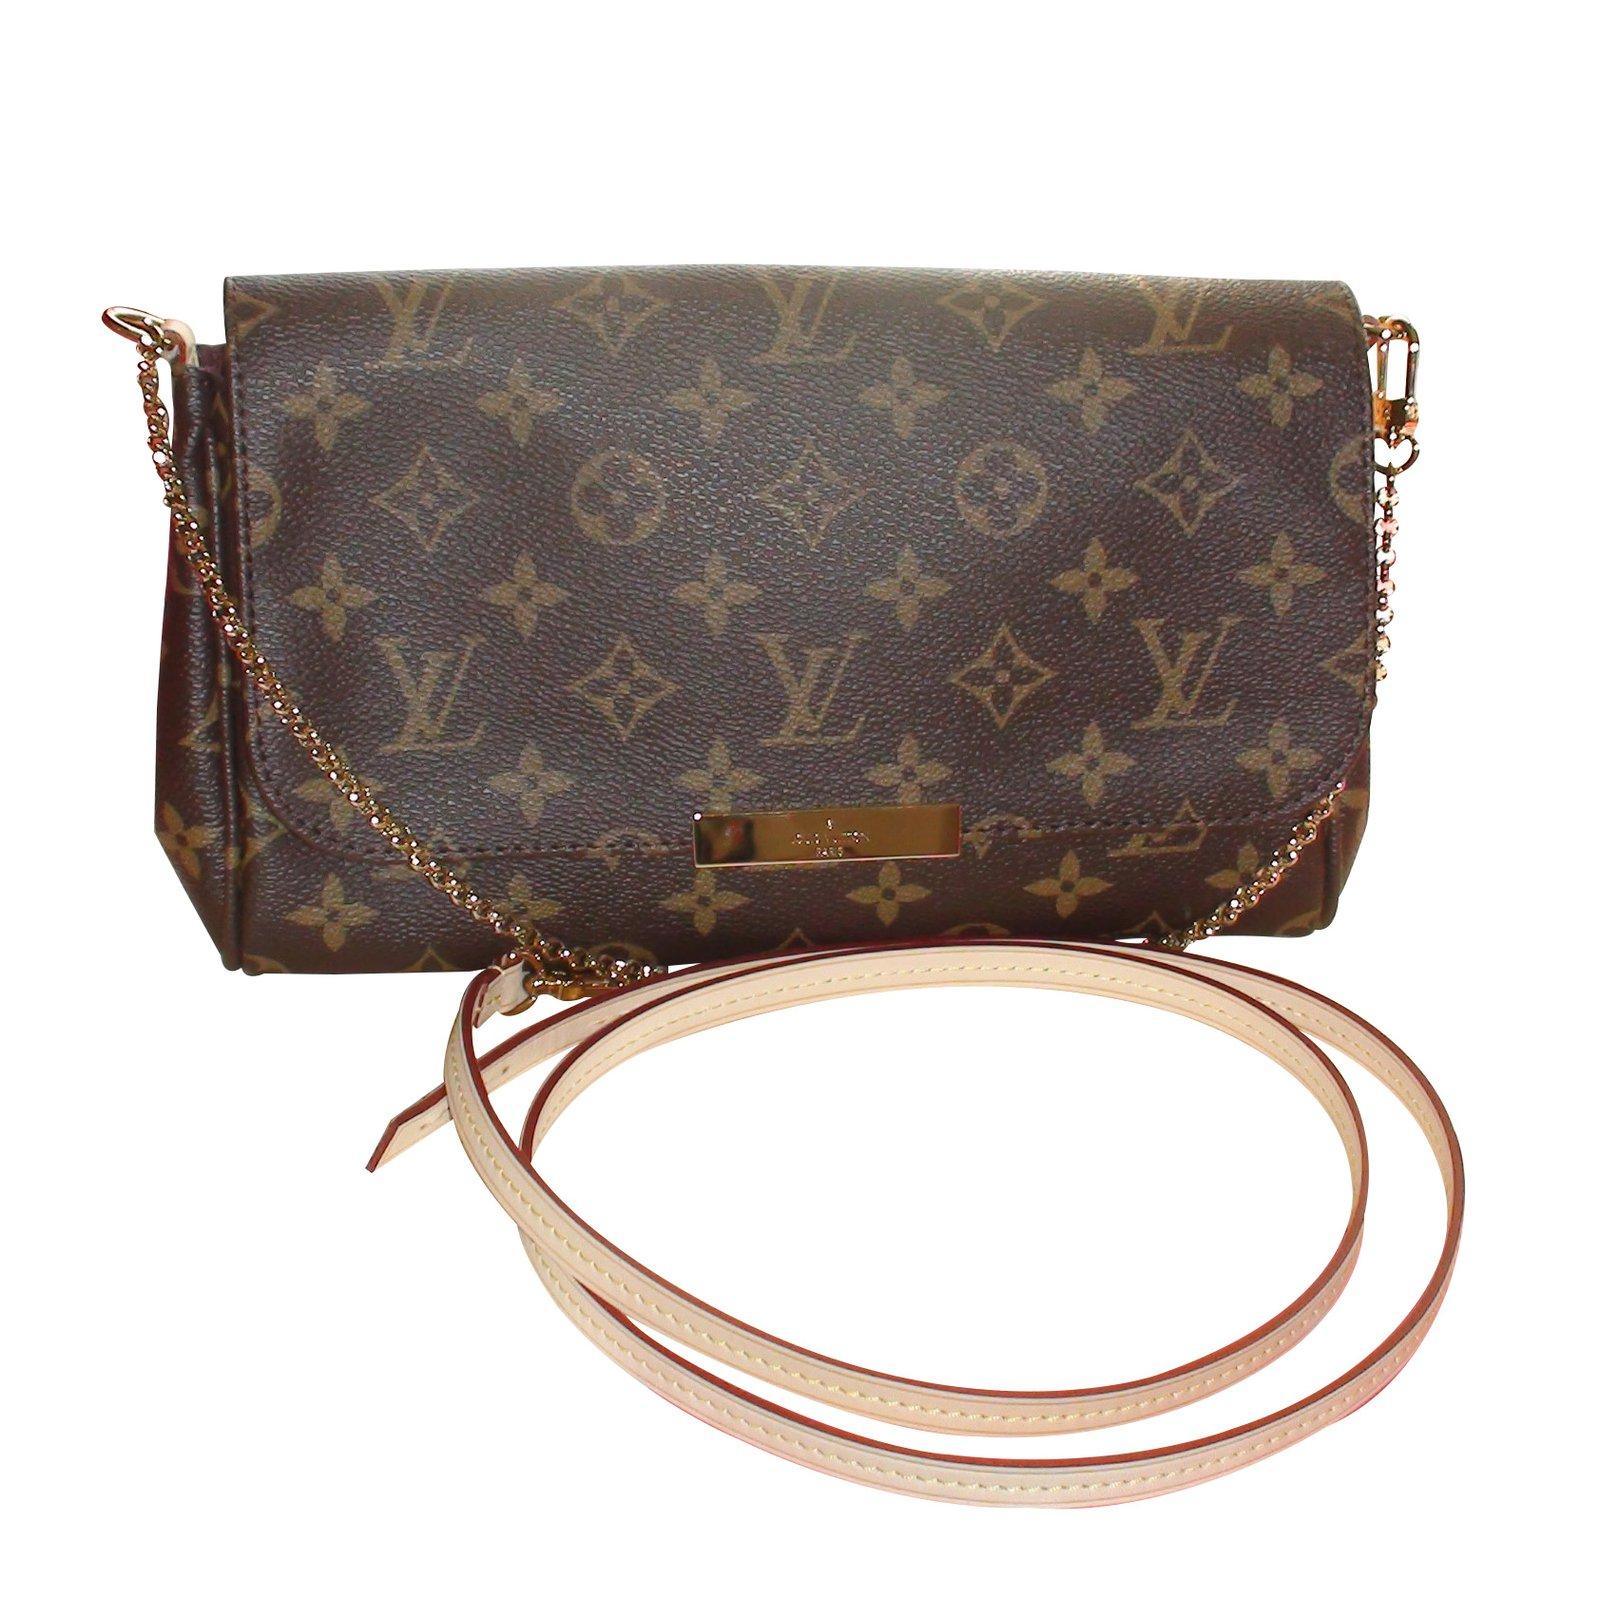 6015b5712be Sacs à main Louis Vuitton Sac à main Louis Vuitton Favorite MM Cuir Marron  ref.